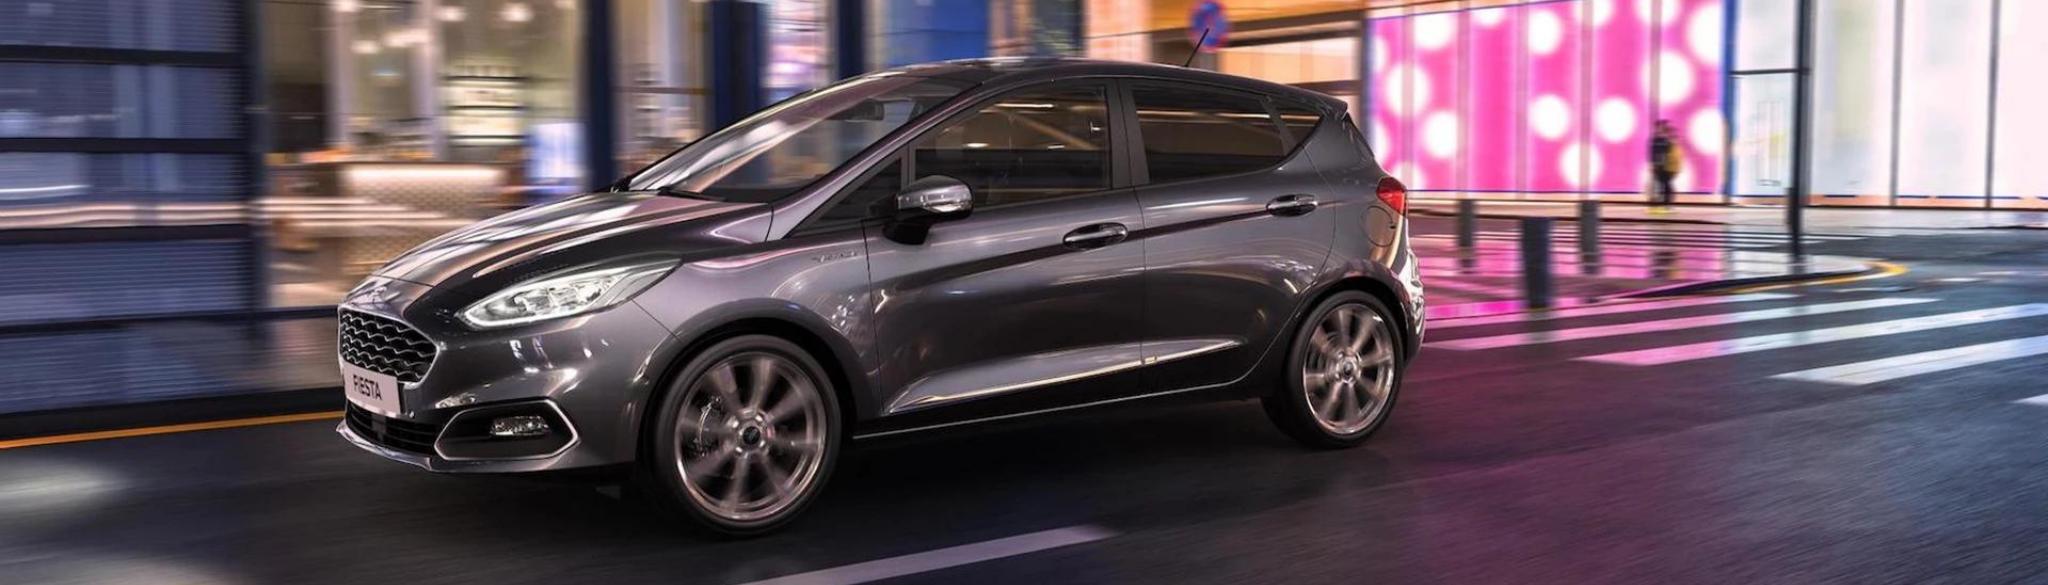 Ford Fiesta Motability